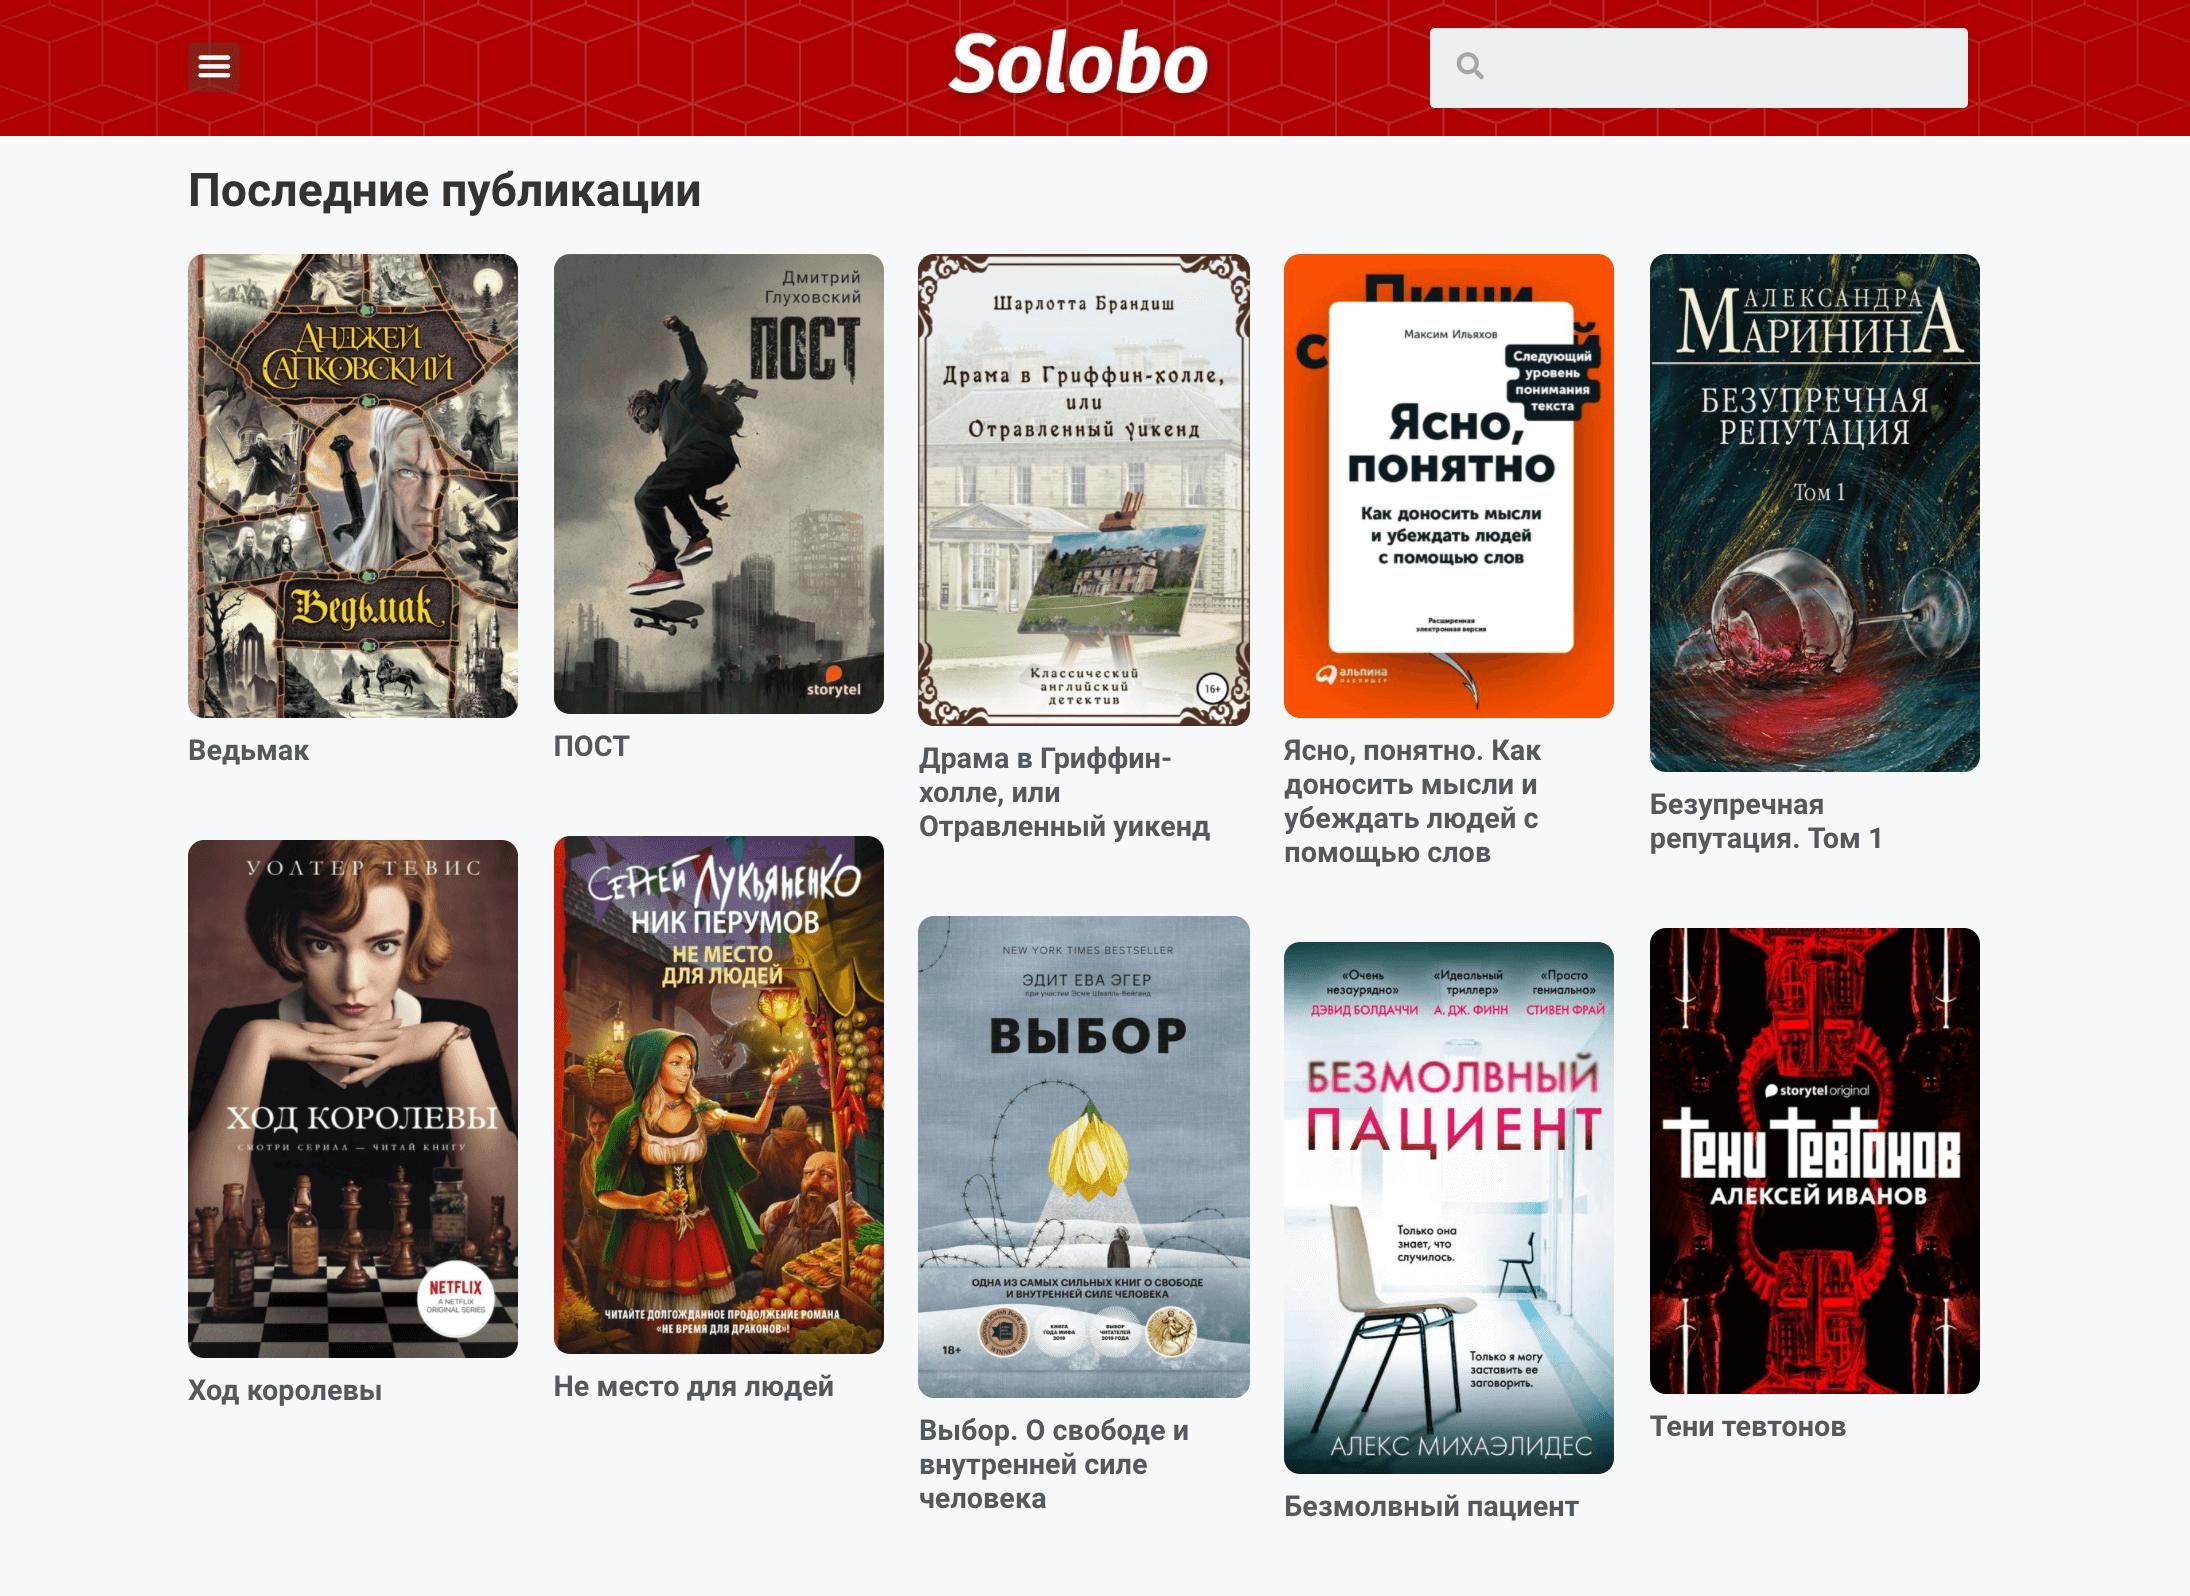 Solobo.com - удобная электронная библиотека книг